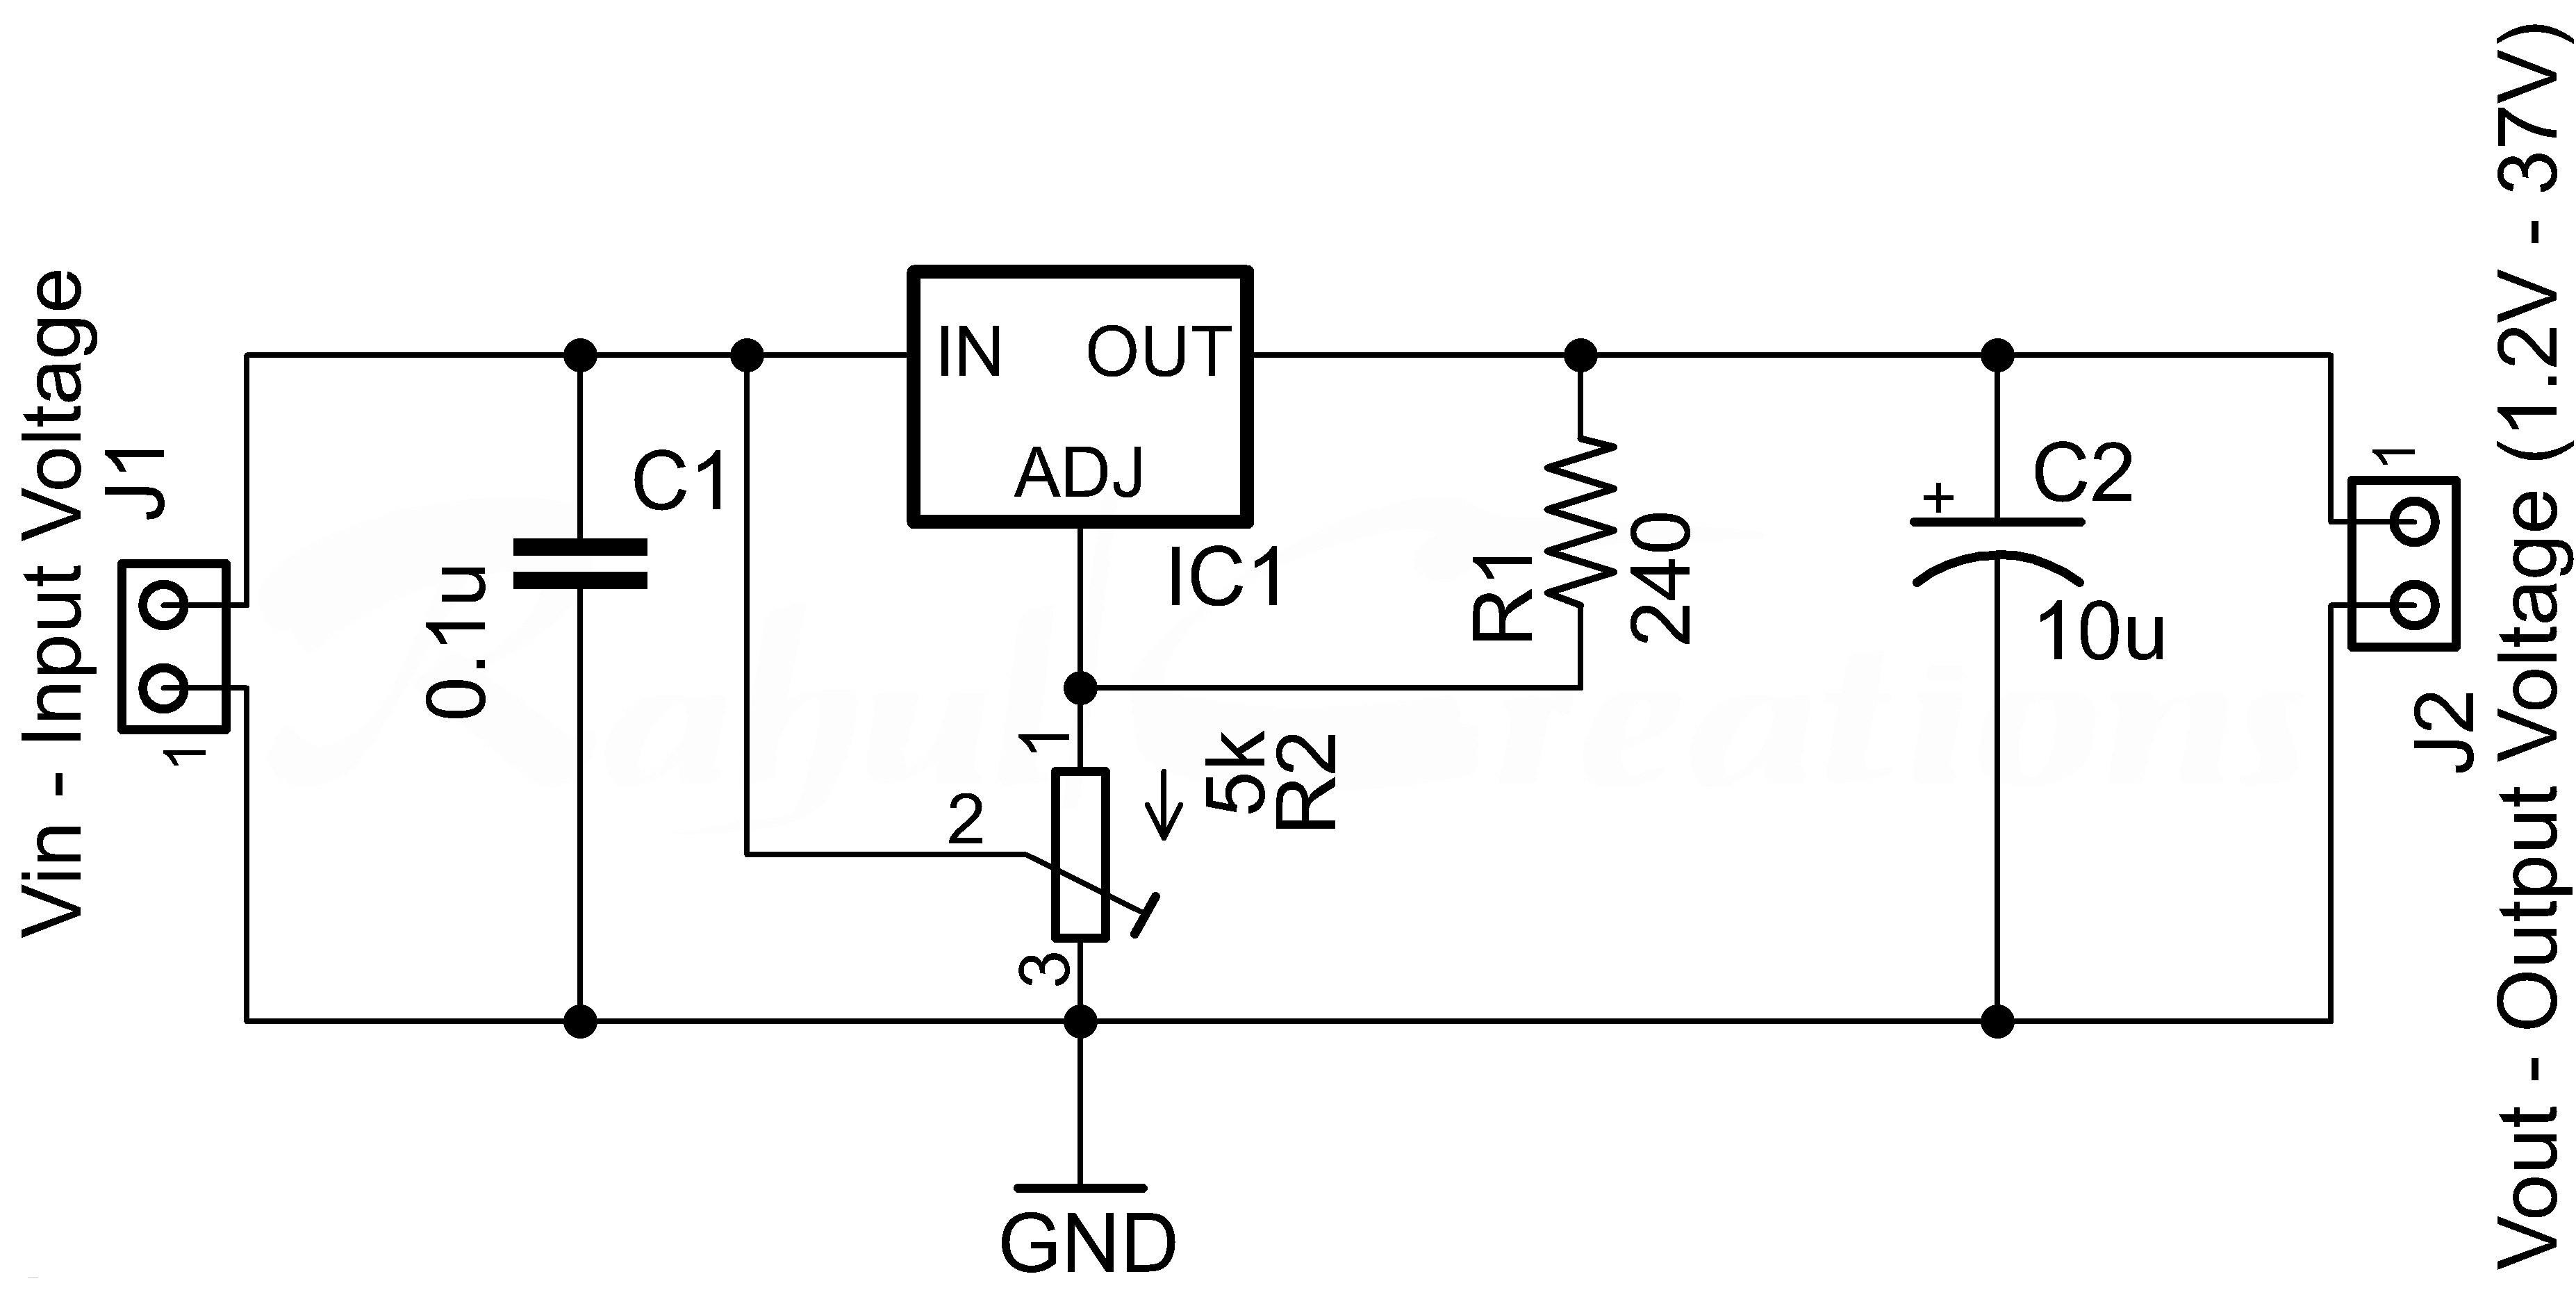 Circuit Schematic Diagram Free Download Inspirational Circuit Breaker Diagram Diagram